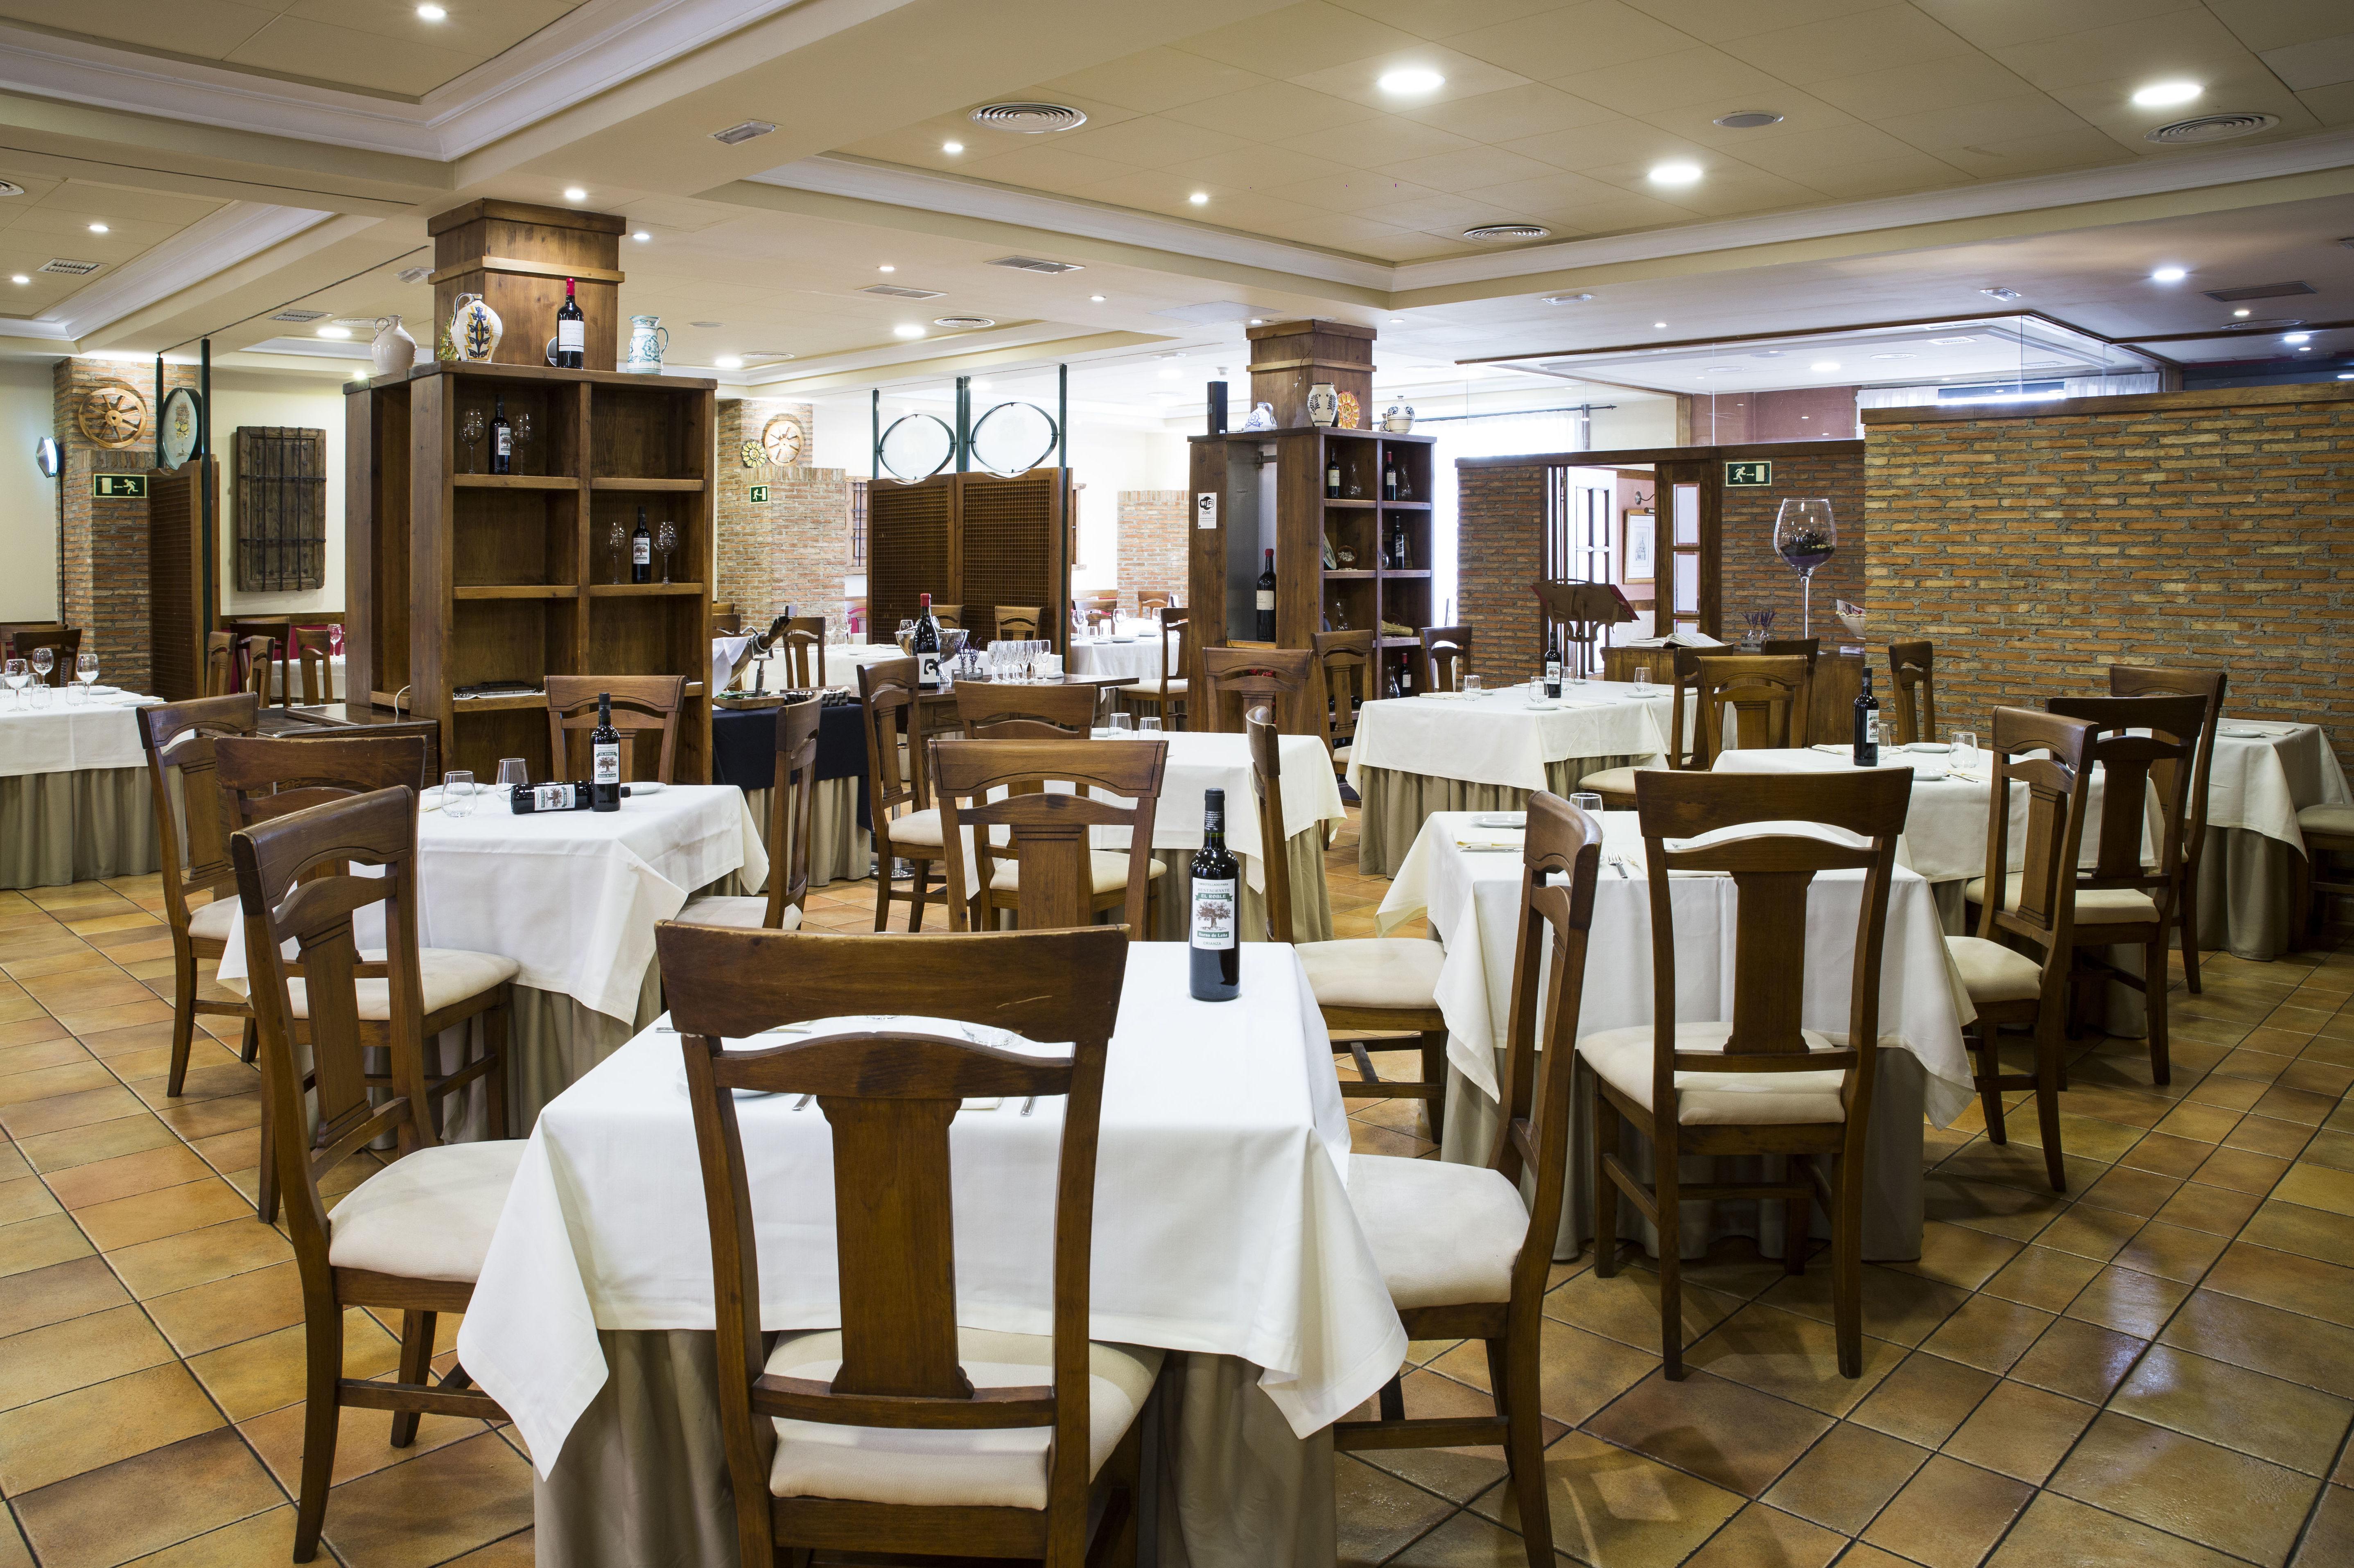 Foto 19 de Asadores en Arganda del Rey | Restaurante El Roble Hotel AB Arganda